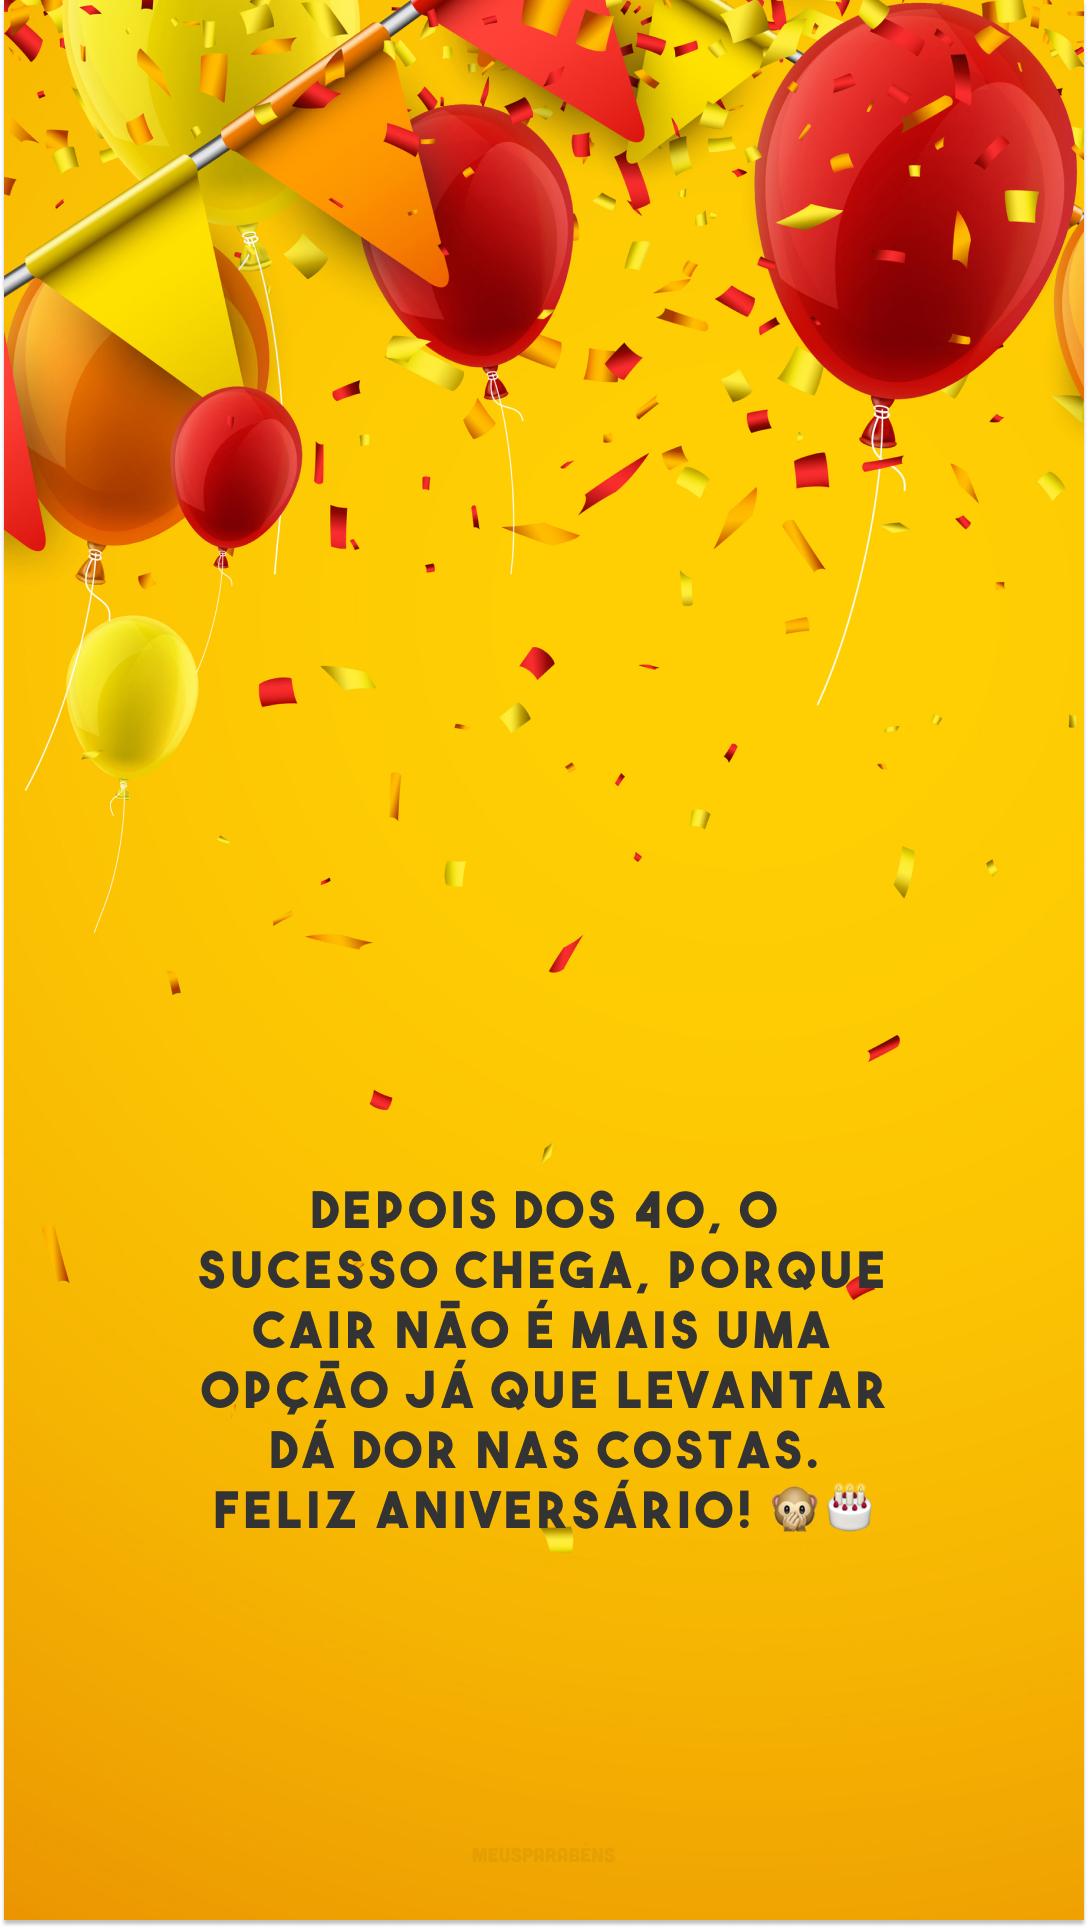 Depois dos 40, o sucesso chega, porque cair não é mais uma opção já que levantar dá dor nas costas. Feliz aniversário! 🙊🎂